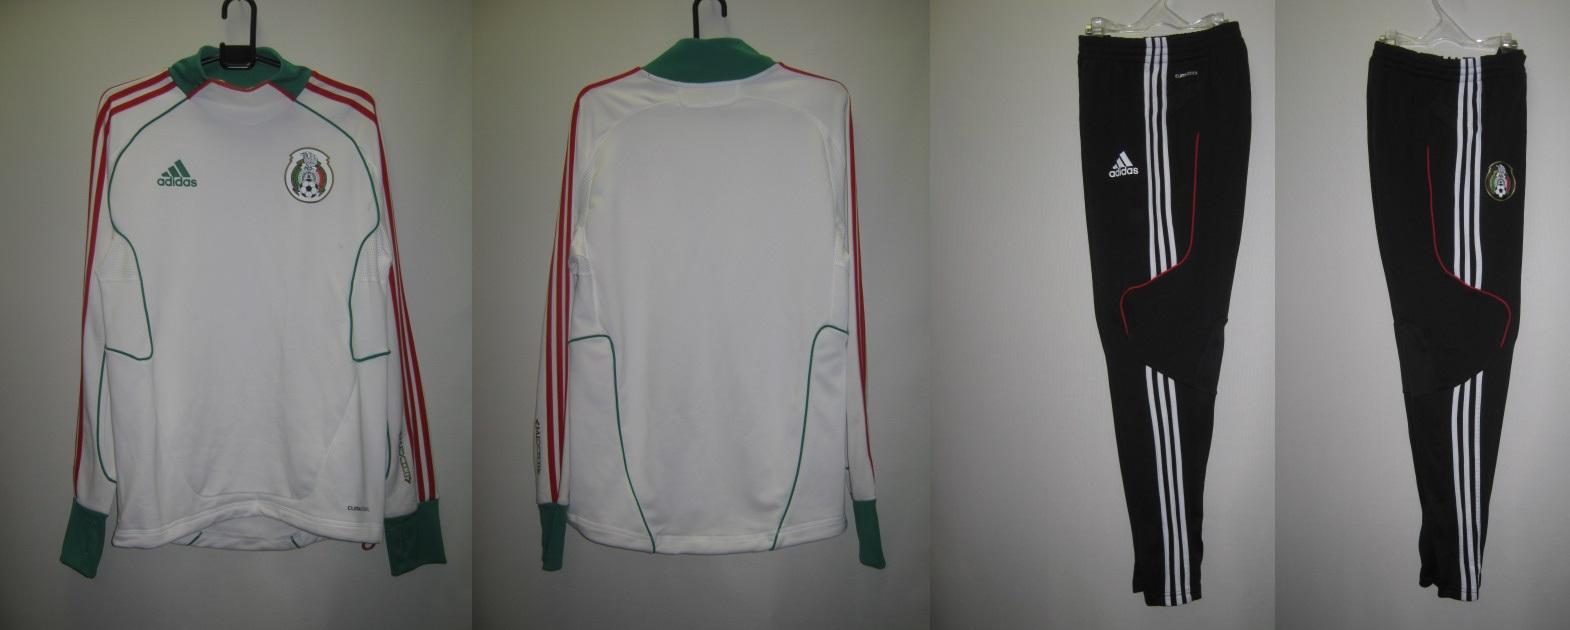 アディダス 2011-12 rj854-rj853 メキシコ 代表 プレデター トレーニング トップ・パンツ 上下 セット